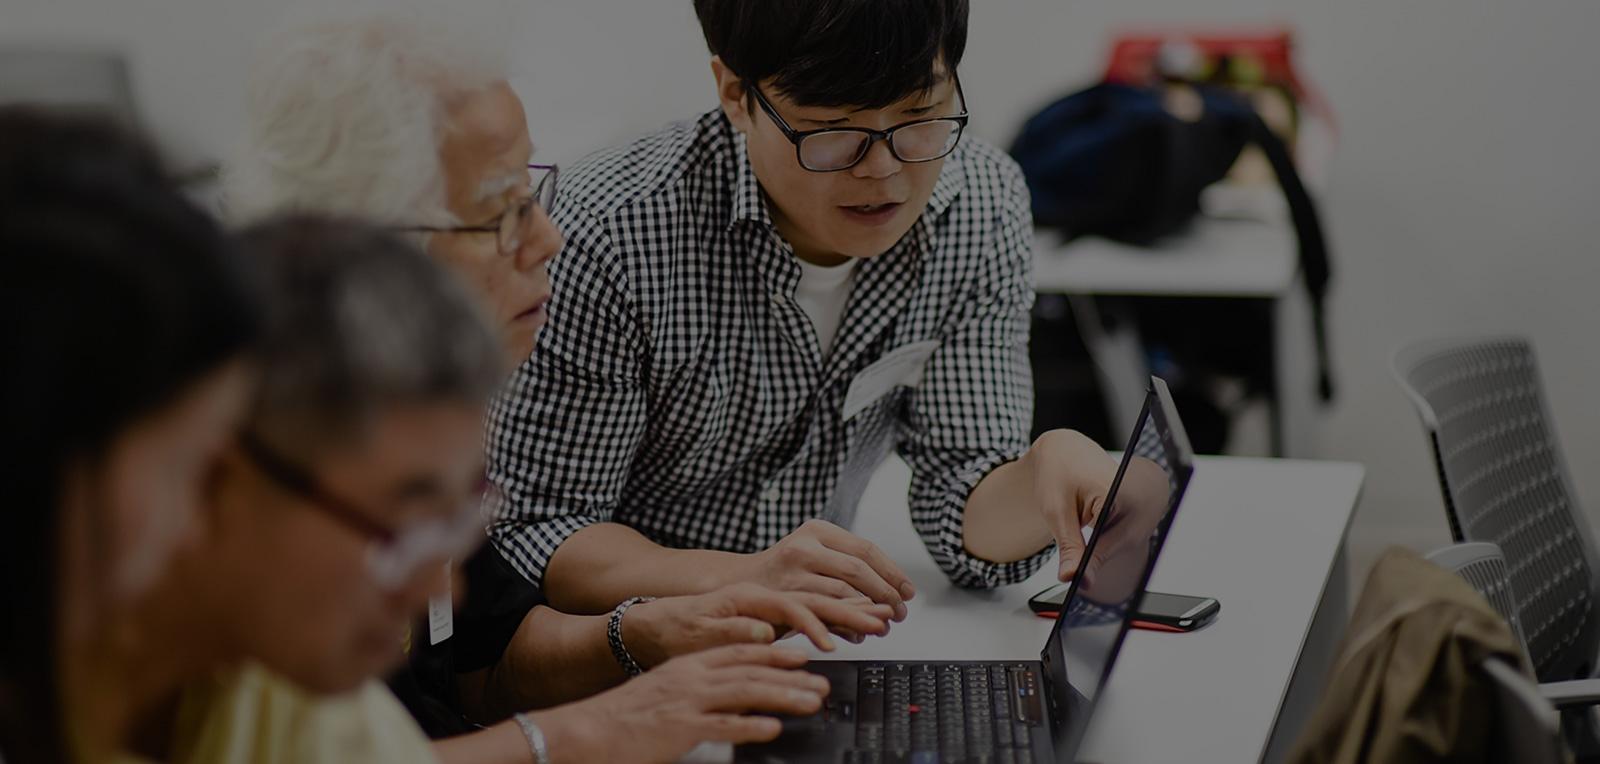 모든 마이크로소프트의 임직원은 세상을 바꾸기 위한 노력에 동참하고 있습니다.